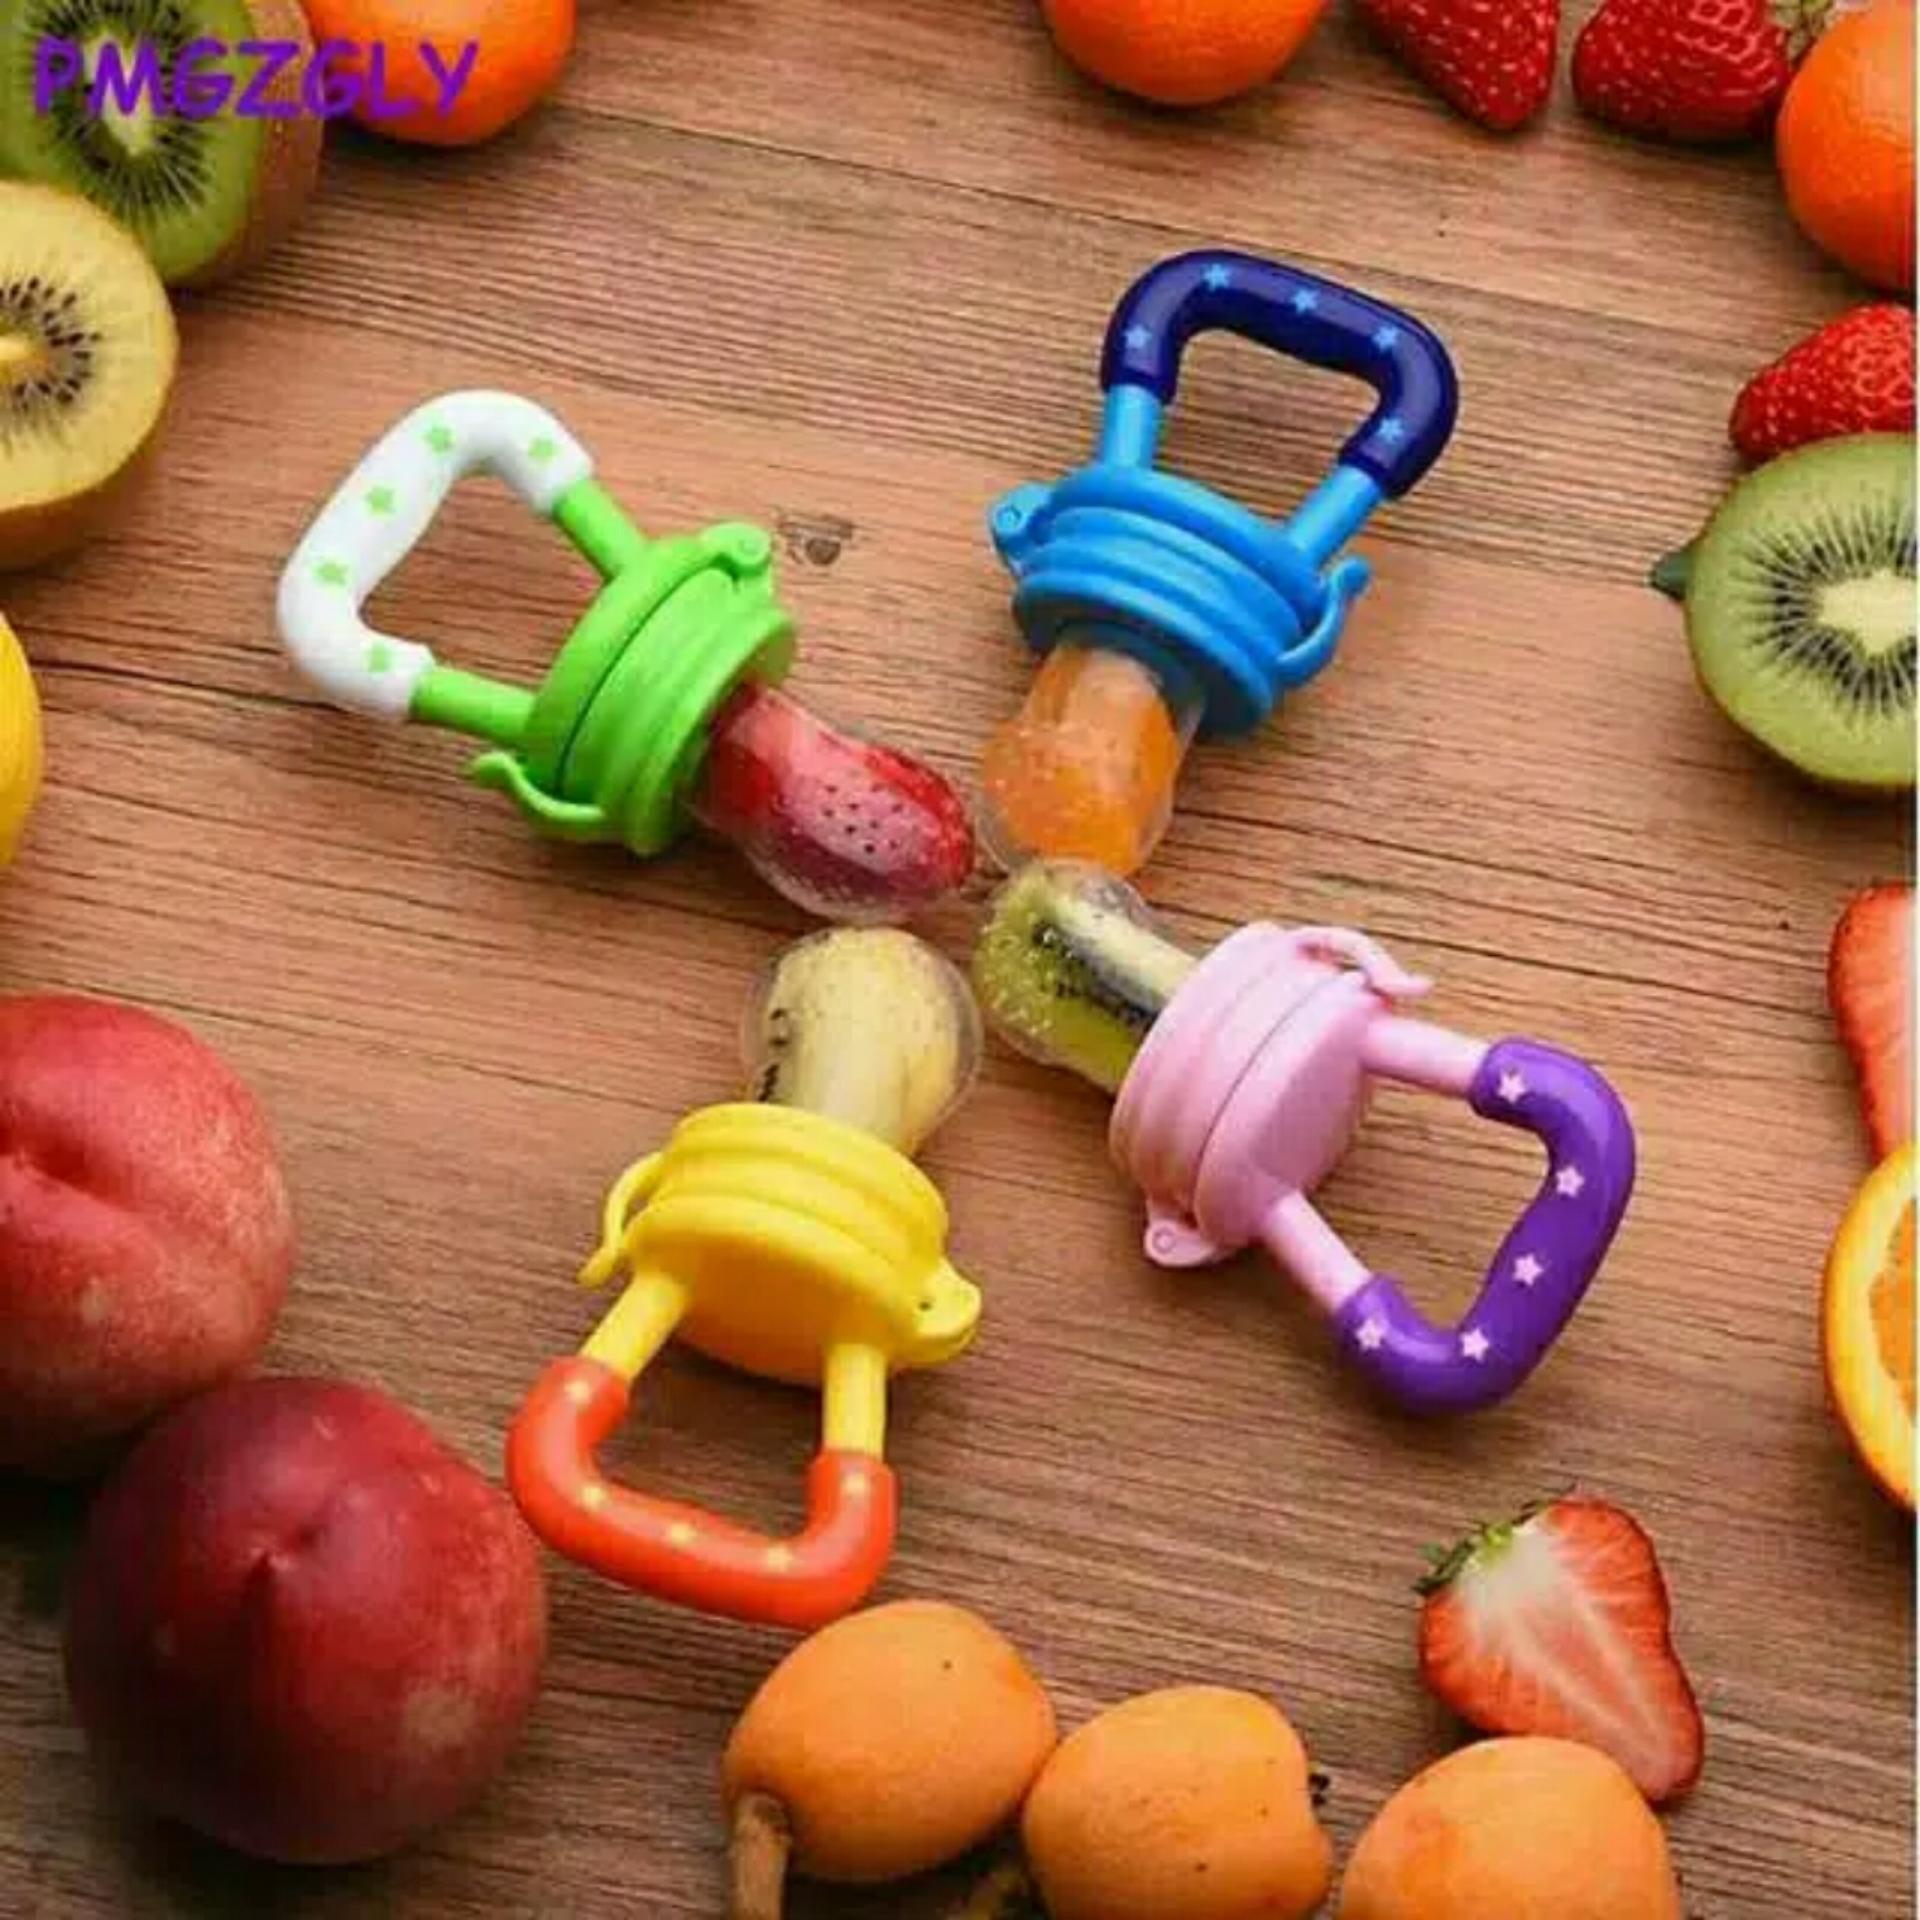 Dot Empeng Buah Unik Baby Fruit Pacifier Beli Harga Murah Bayi Saringan Food Feeder